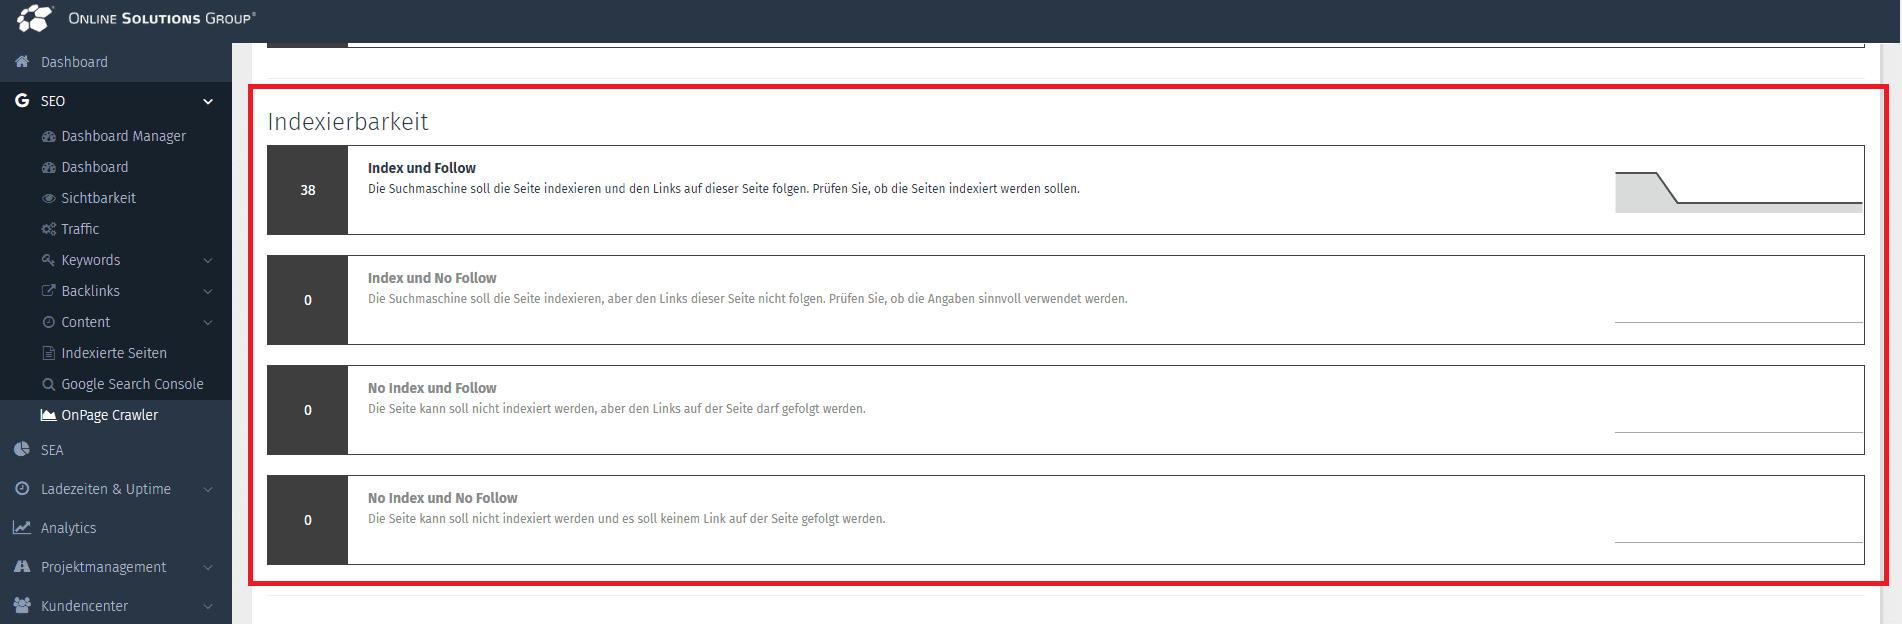 Darstellung der Indexierbarkeit im Onpage Crawler der OSG Performance Suite